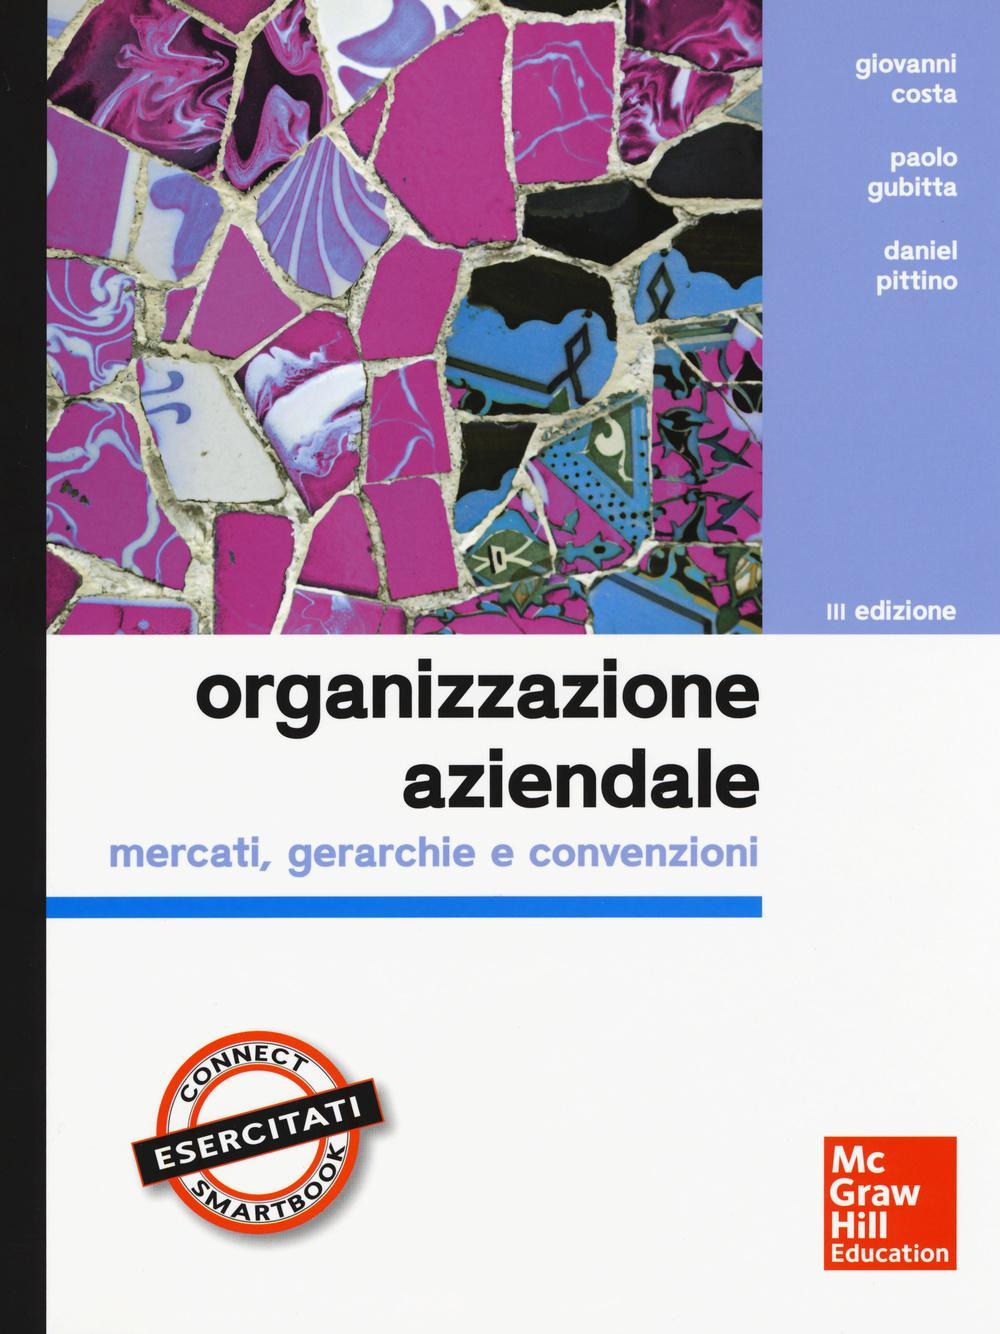 ORGANIZZAZIONE AZIENDALE (AG – HZ)